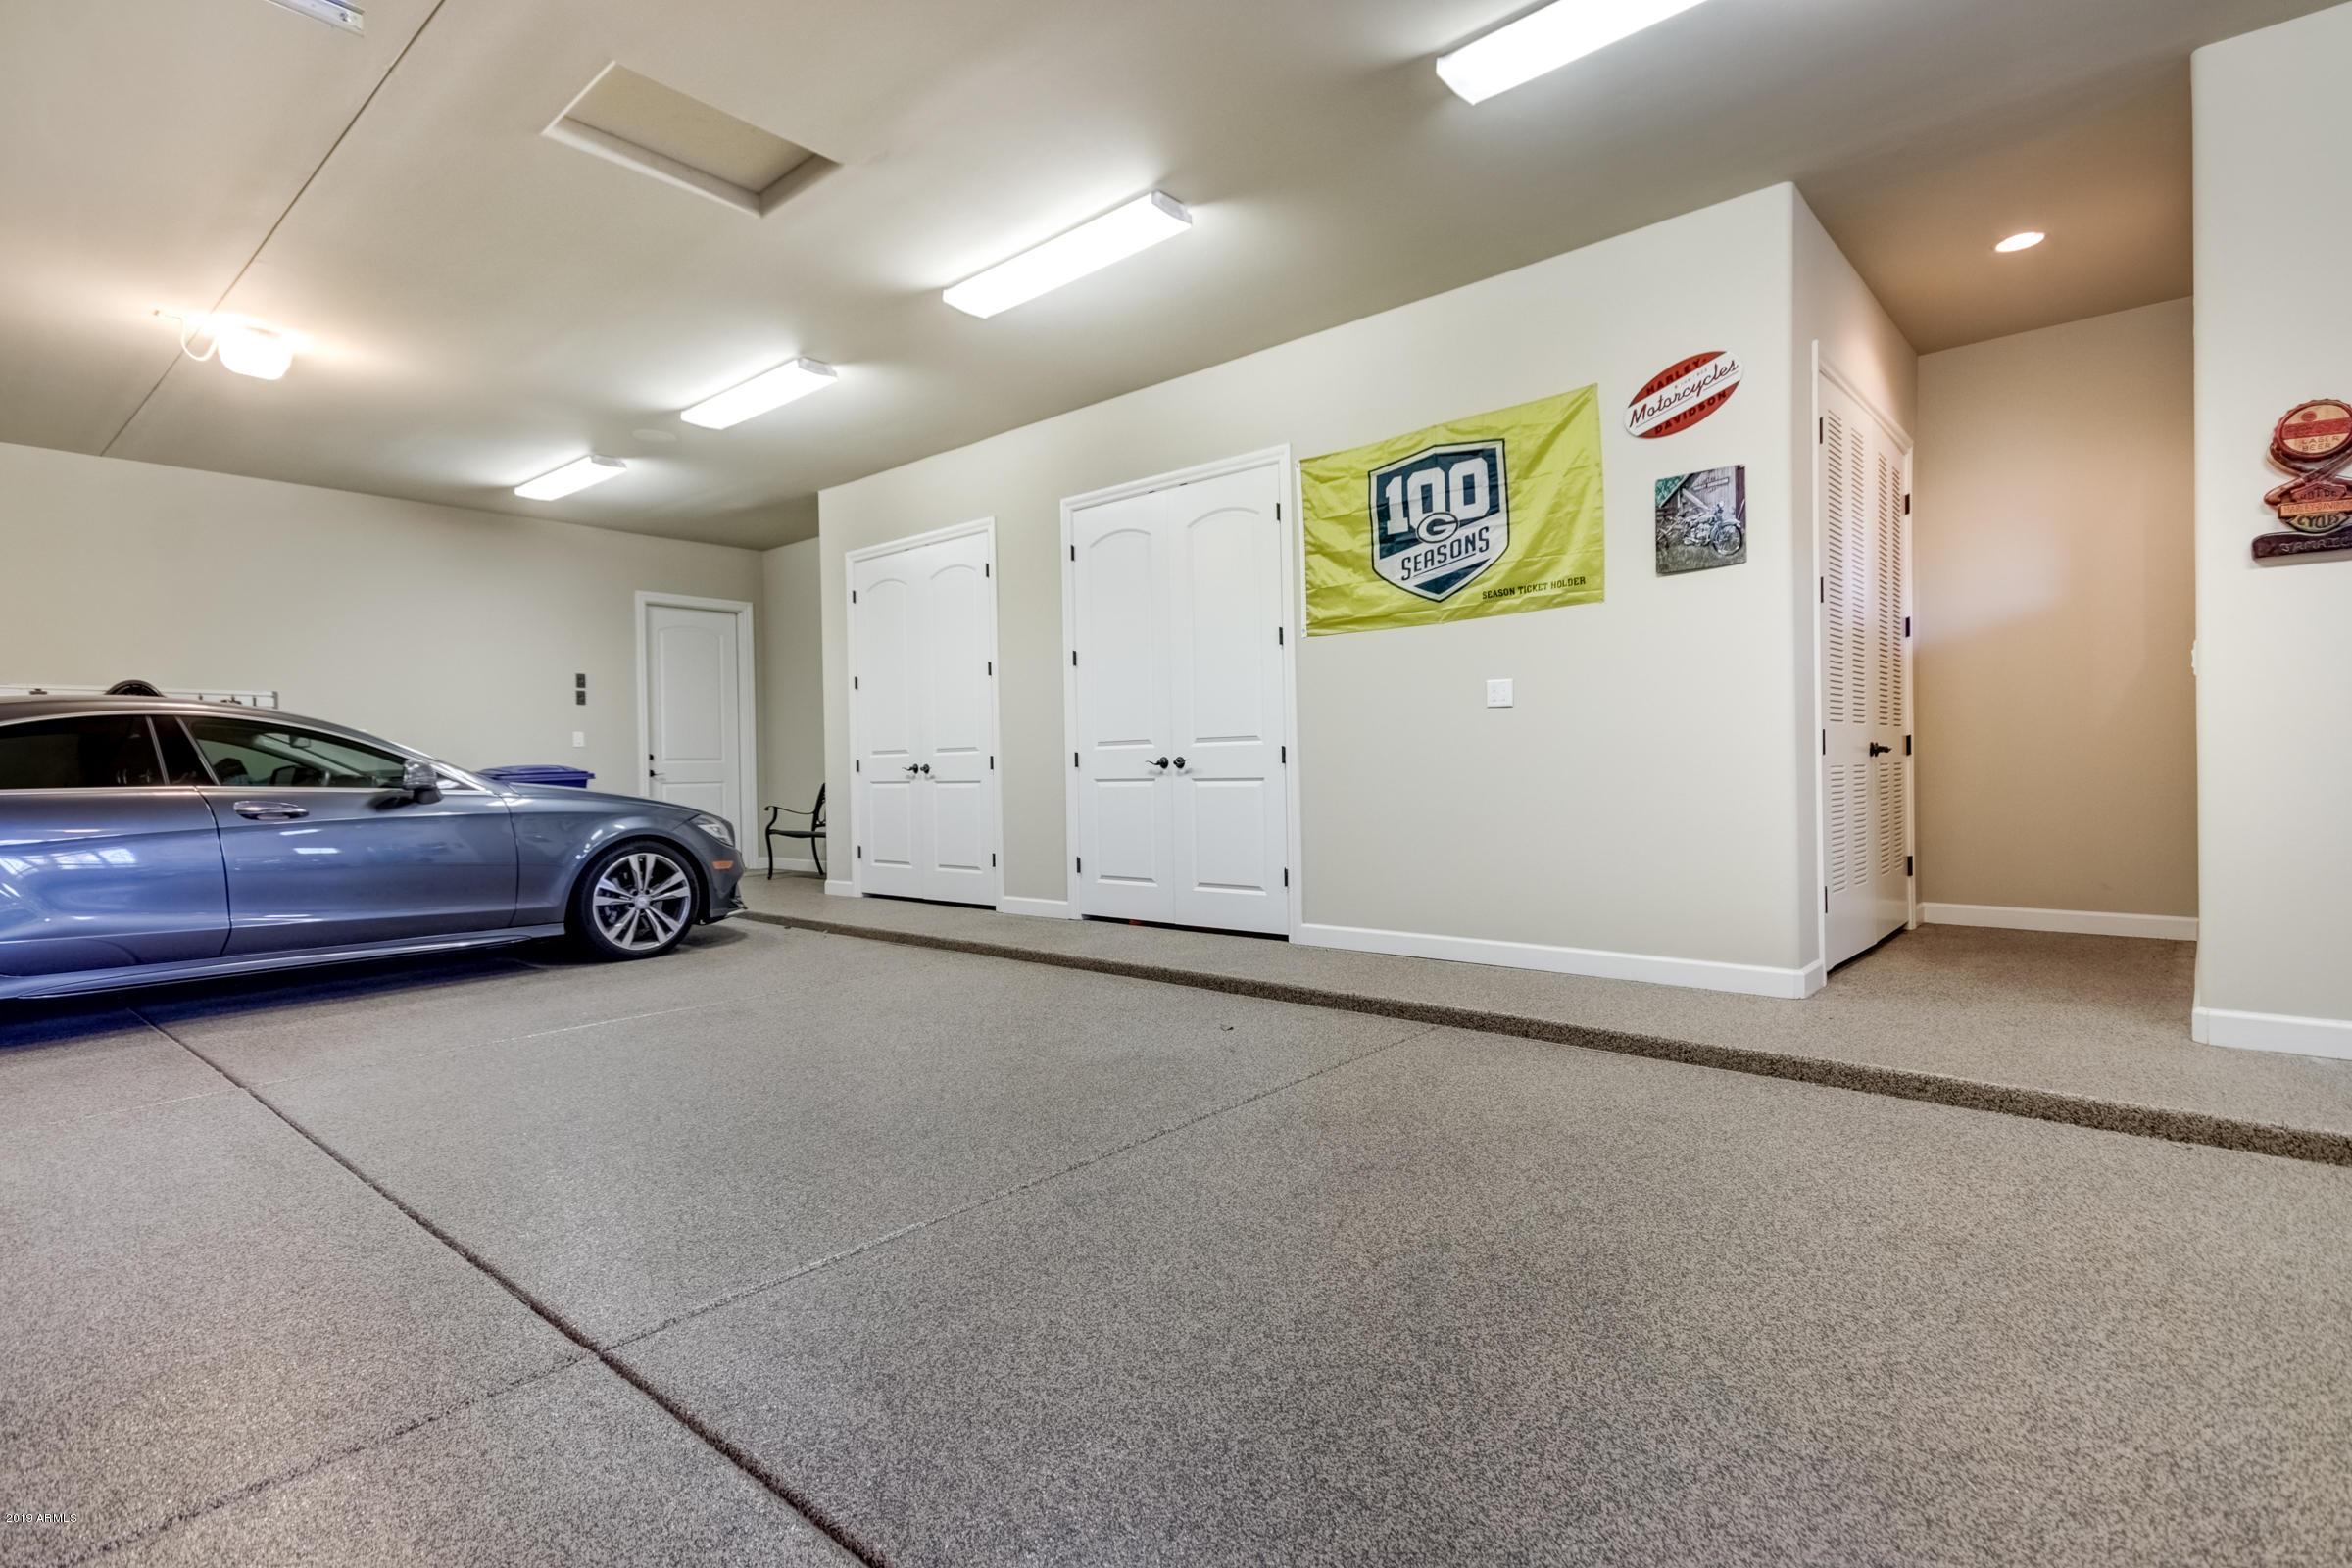 MLS 5945141 2560 E JADE Place, Chandler, AZ 85286 Chandler AZ Newly Built